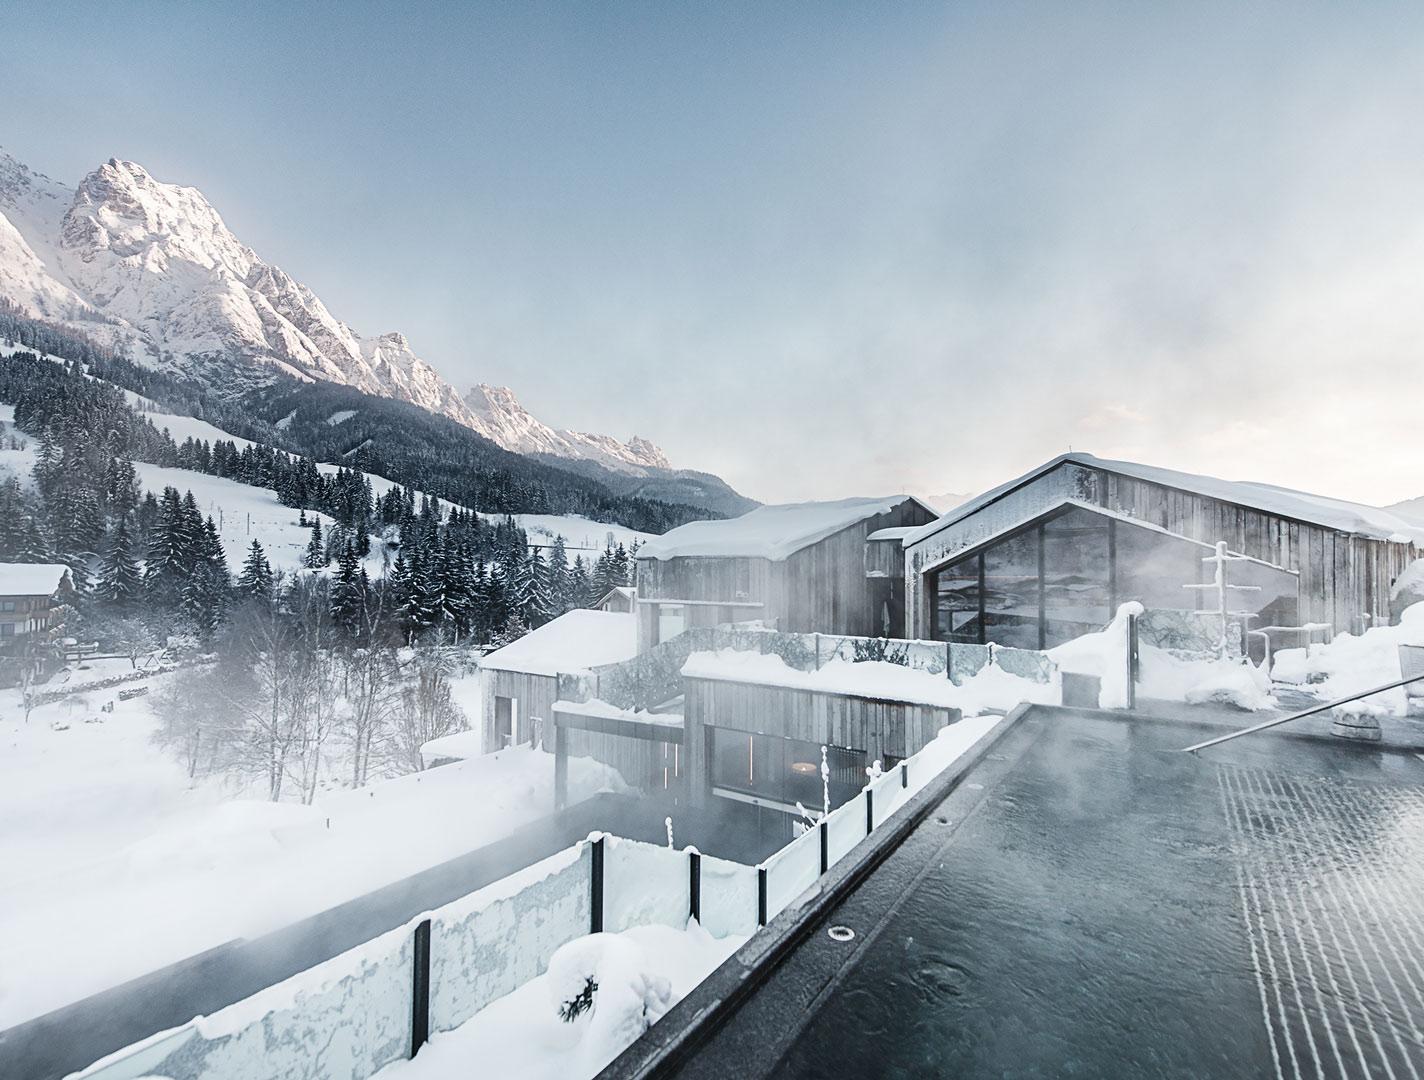 forsthofgut-winter-pool@2